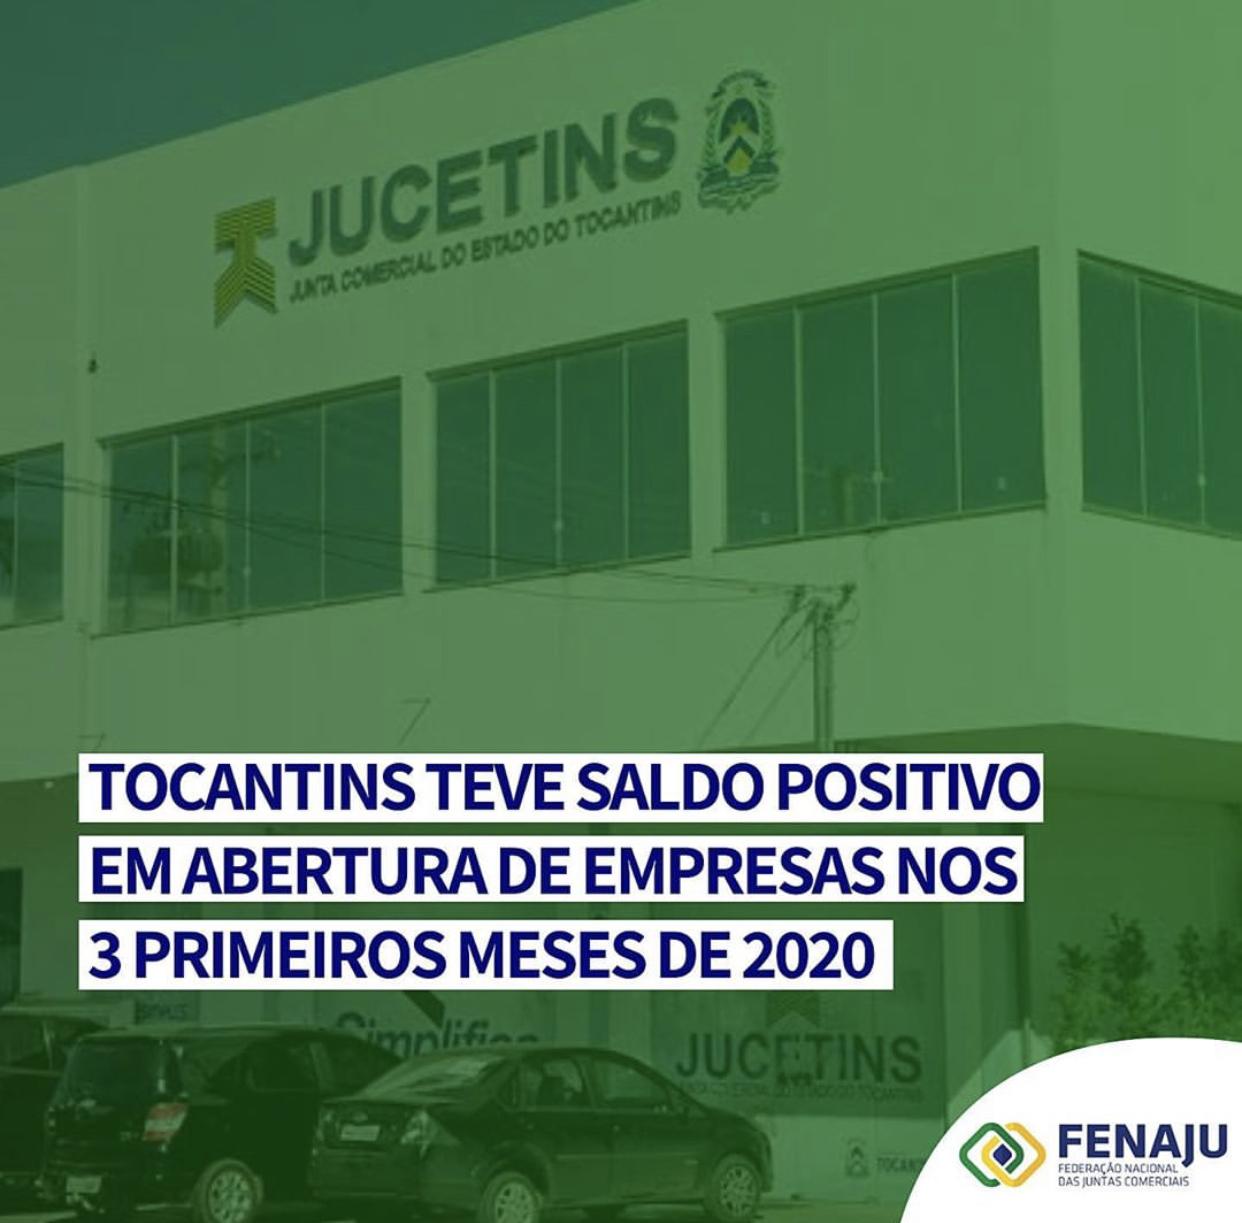 Tocantins teve saldo positivo em abertura de empresas nos 3 primeiros meses de 2020